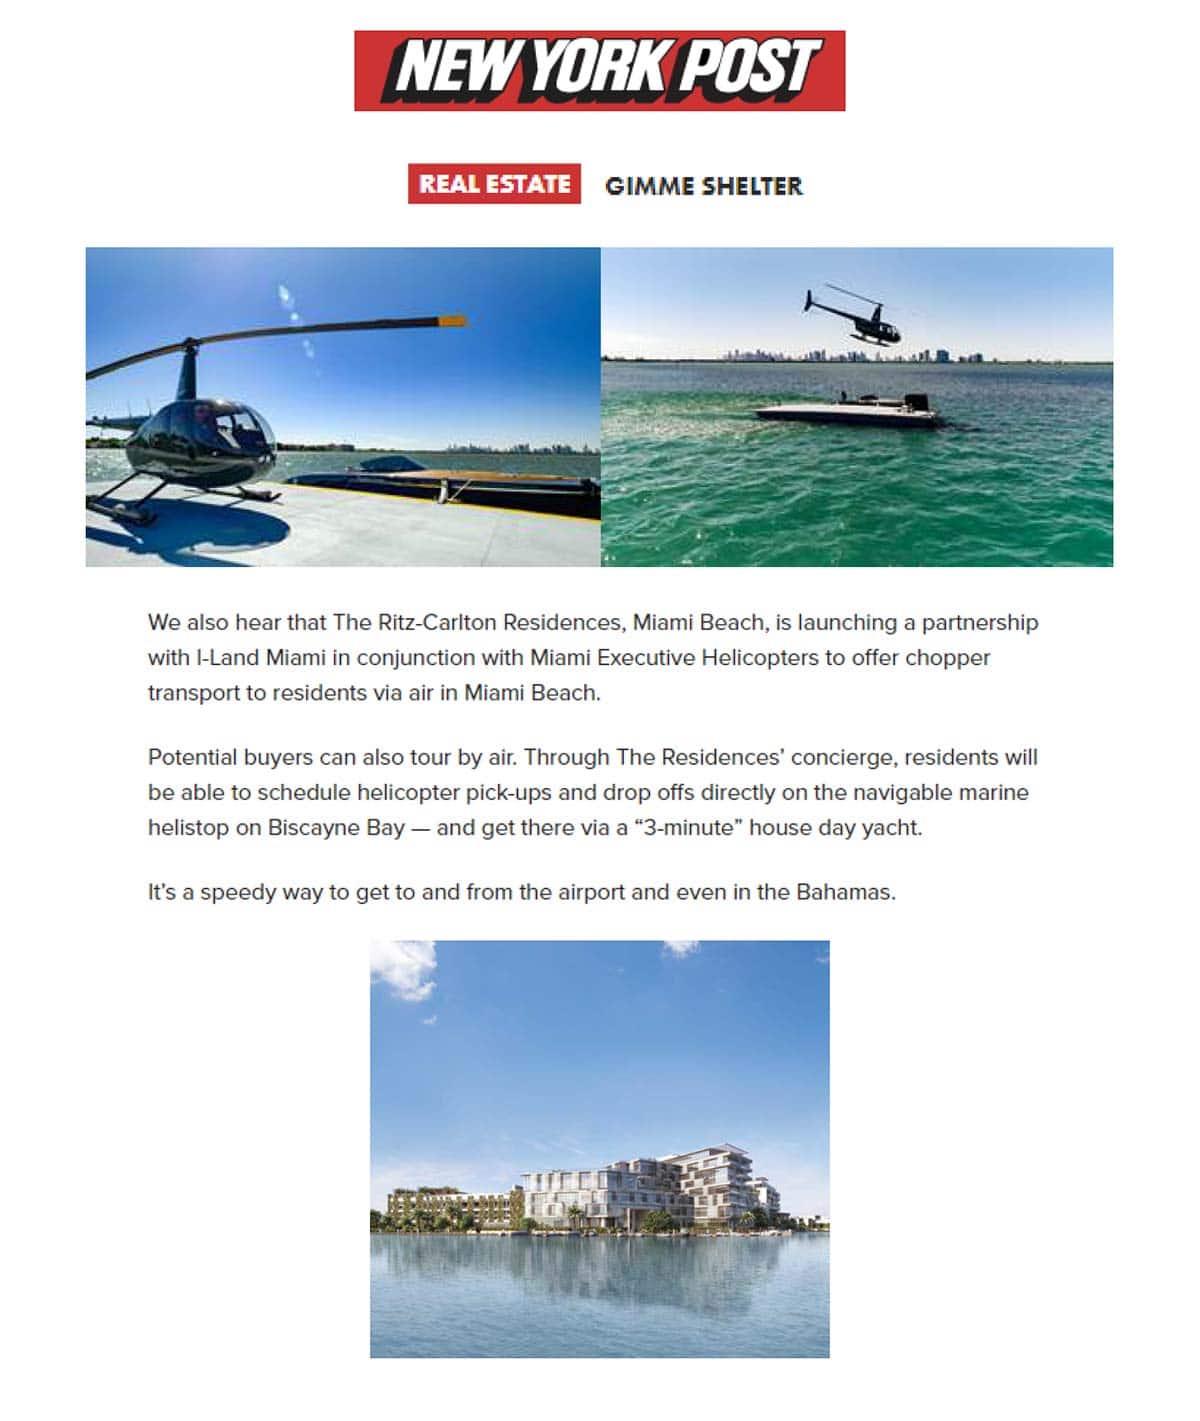 The Ritz-Carlton Residences, Miami Beach in the NY Post